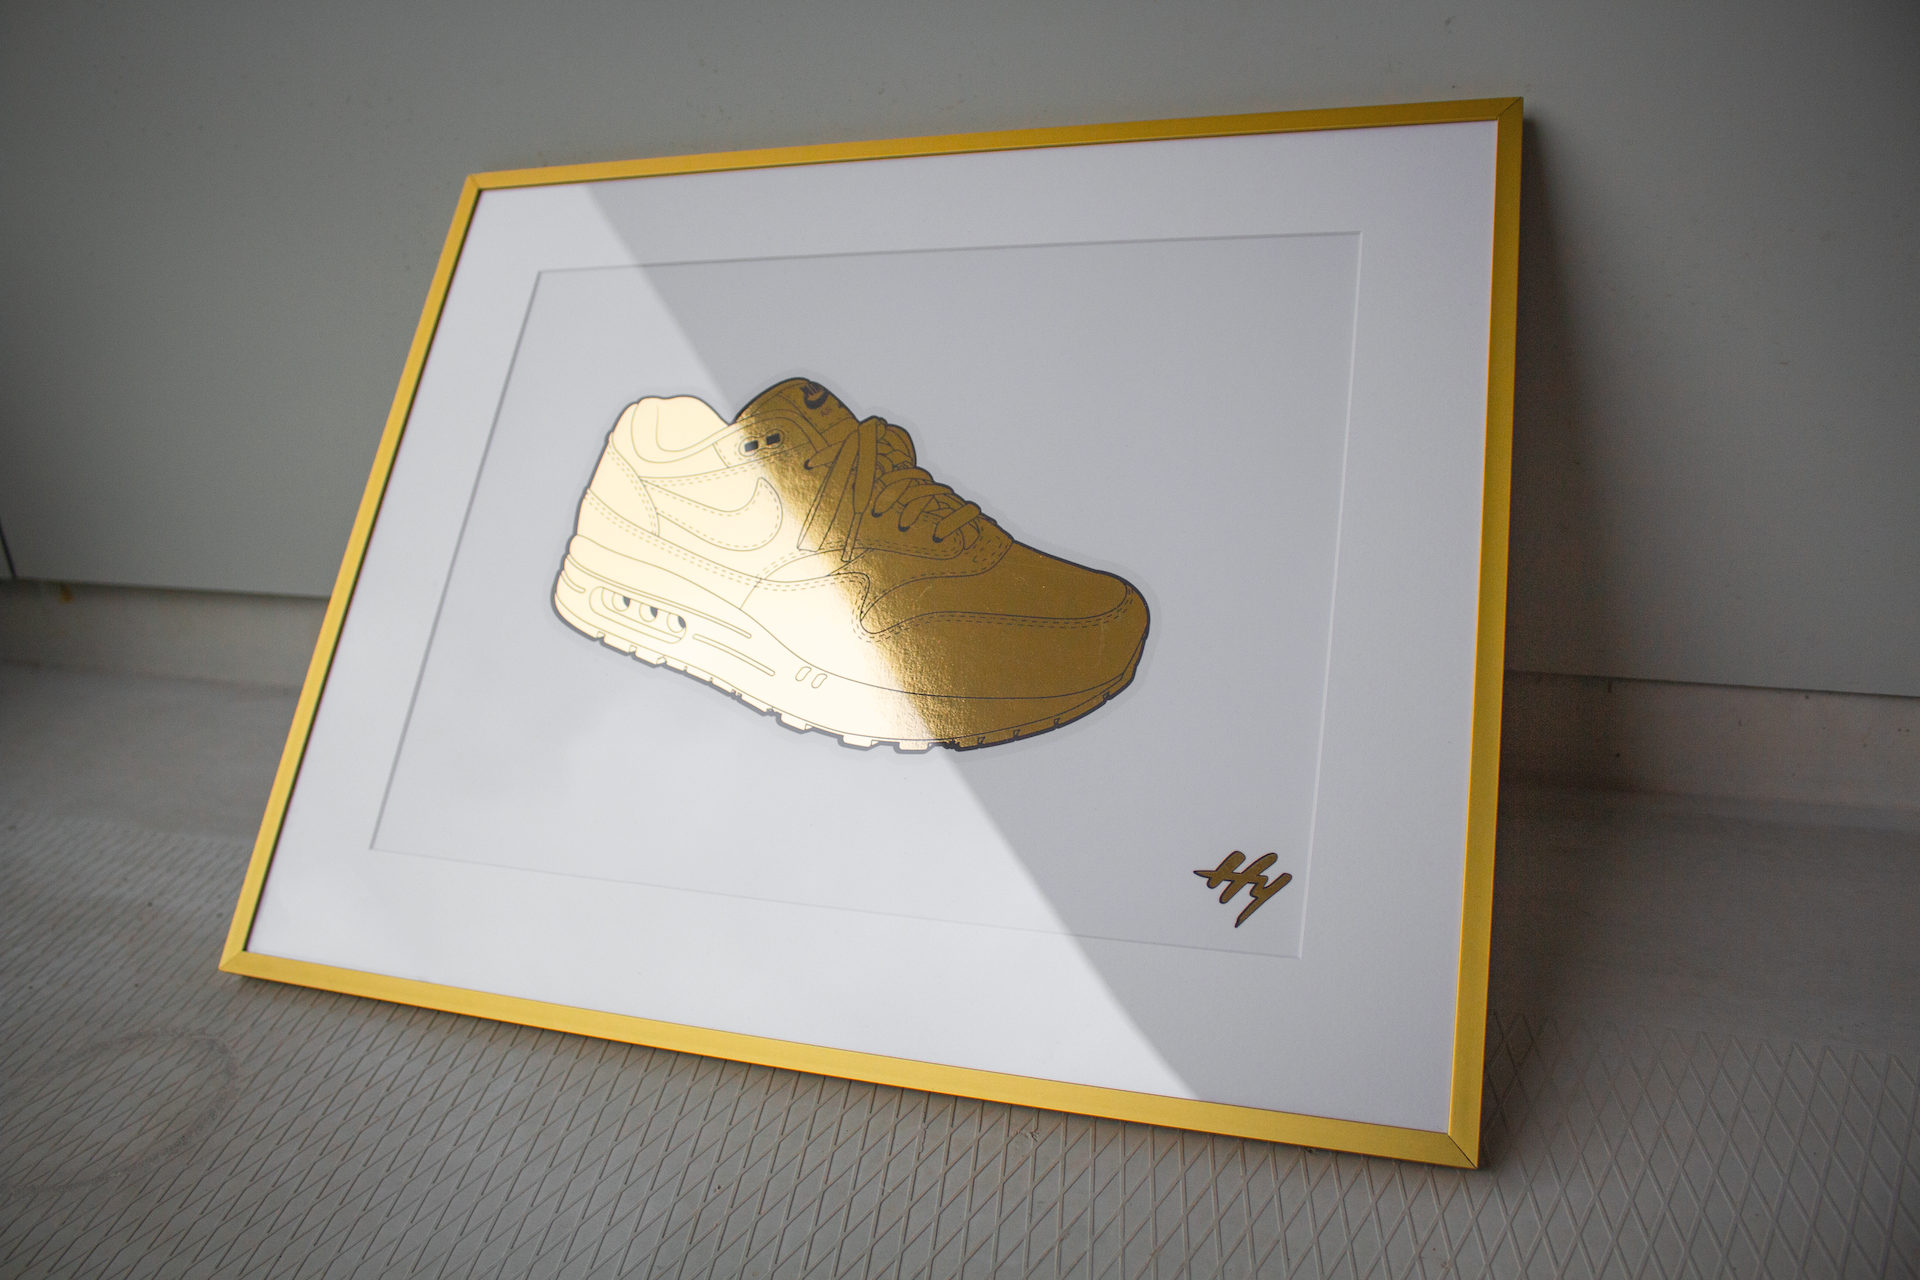 Golden Nike Air Max Sneaker Art Print